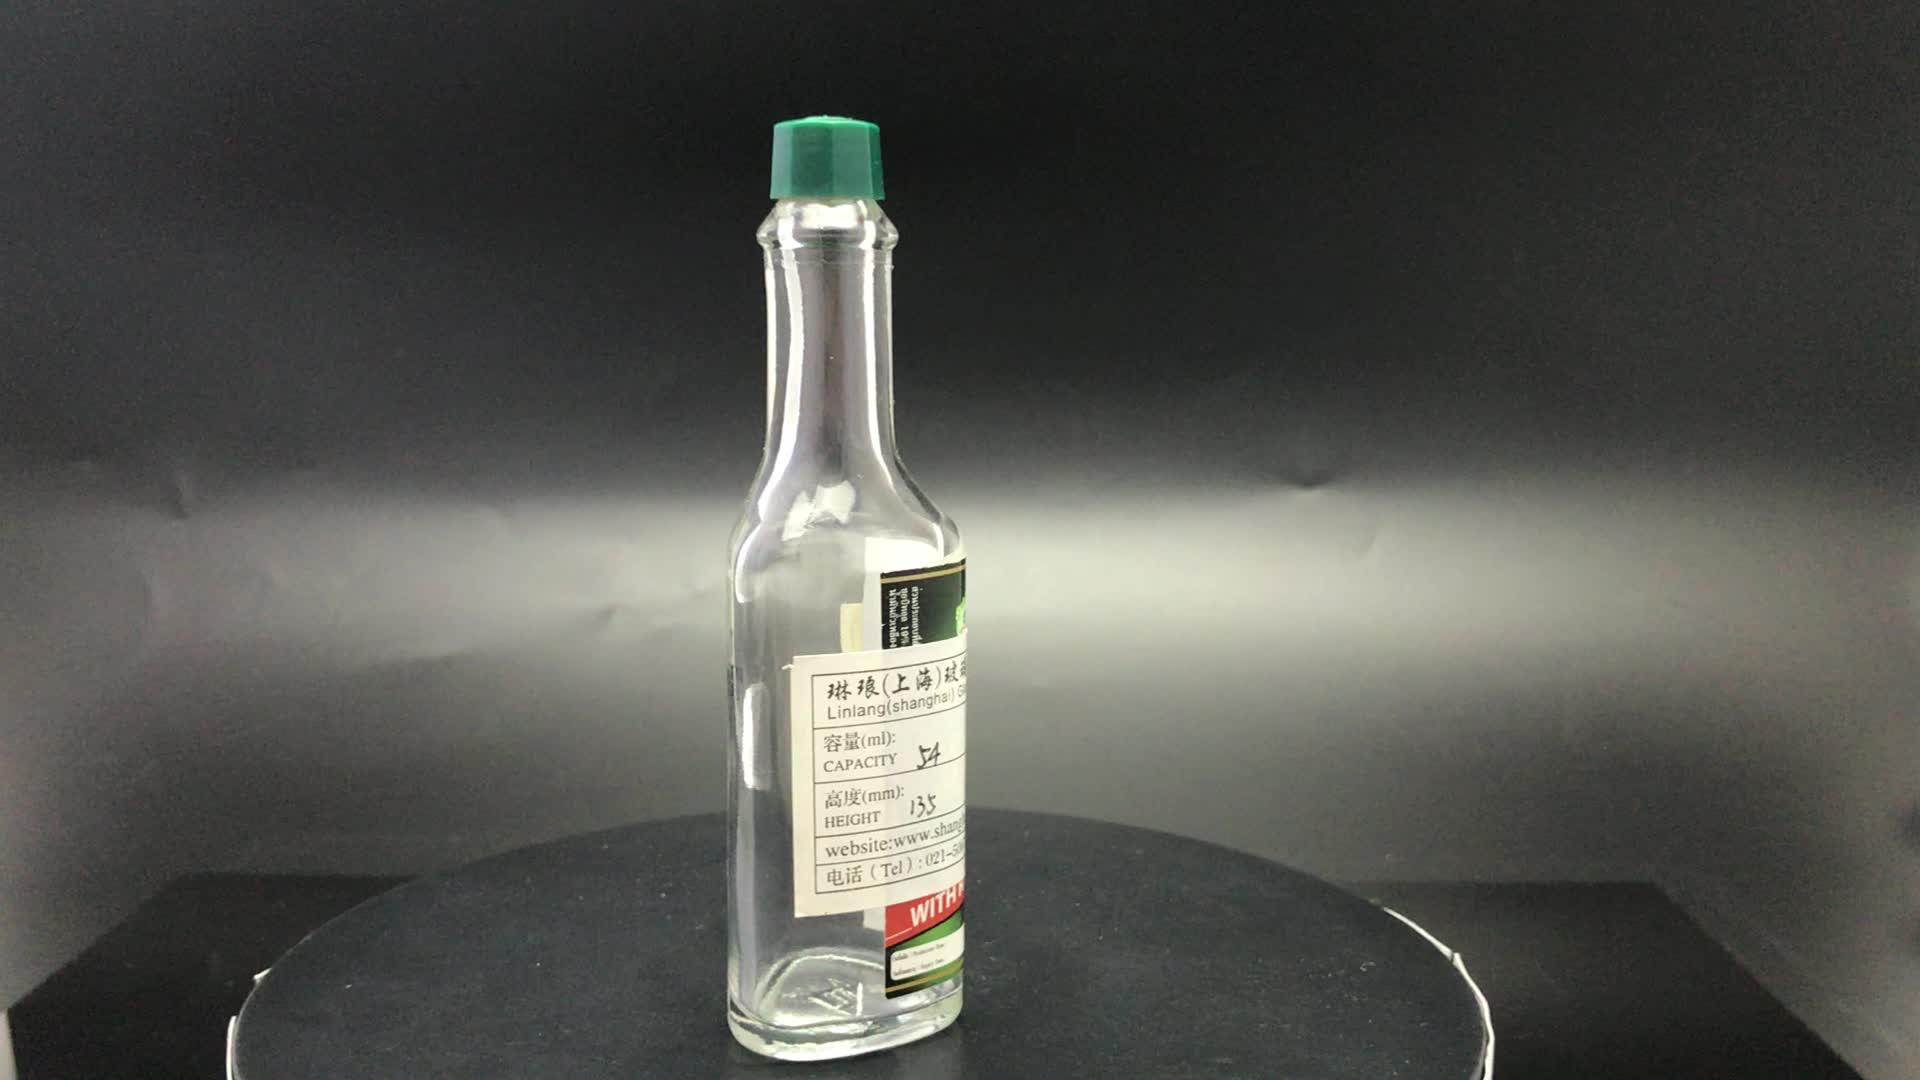 शंघाई फैक्टरी बिक्री टबैस्को सॉस की बोतल 50ml